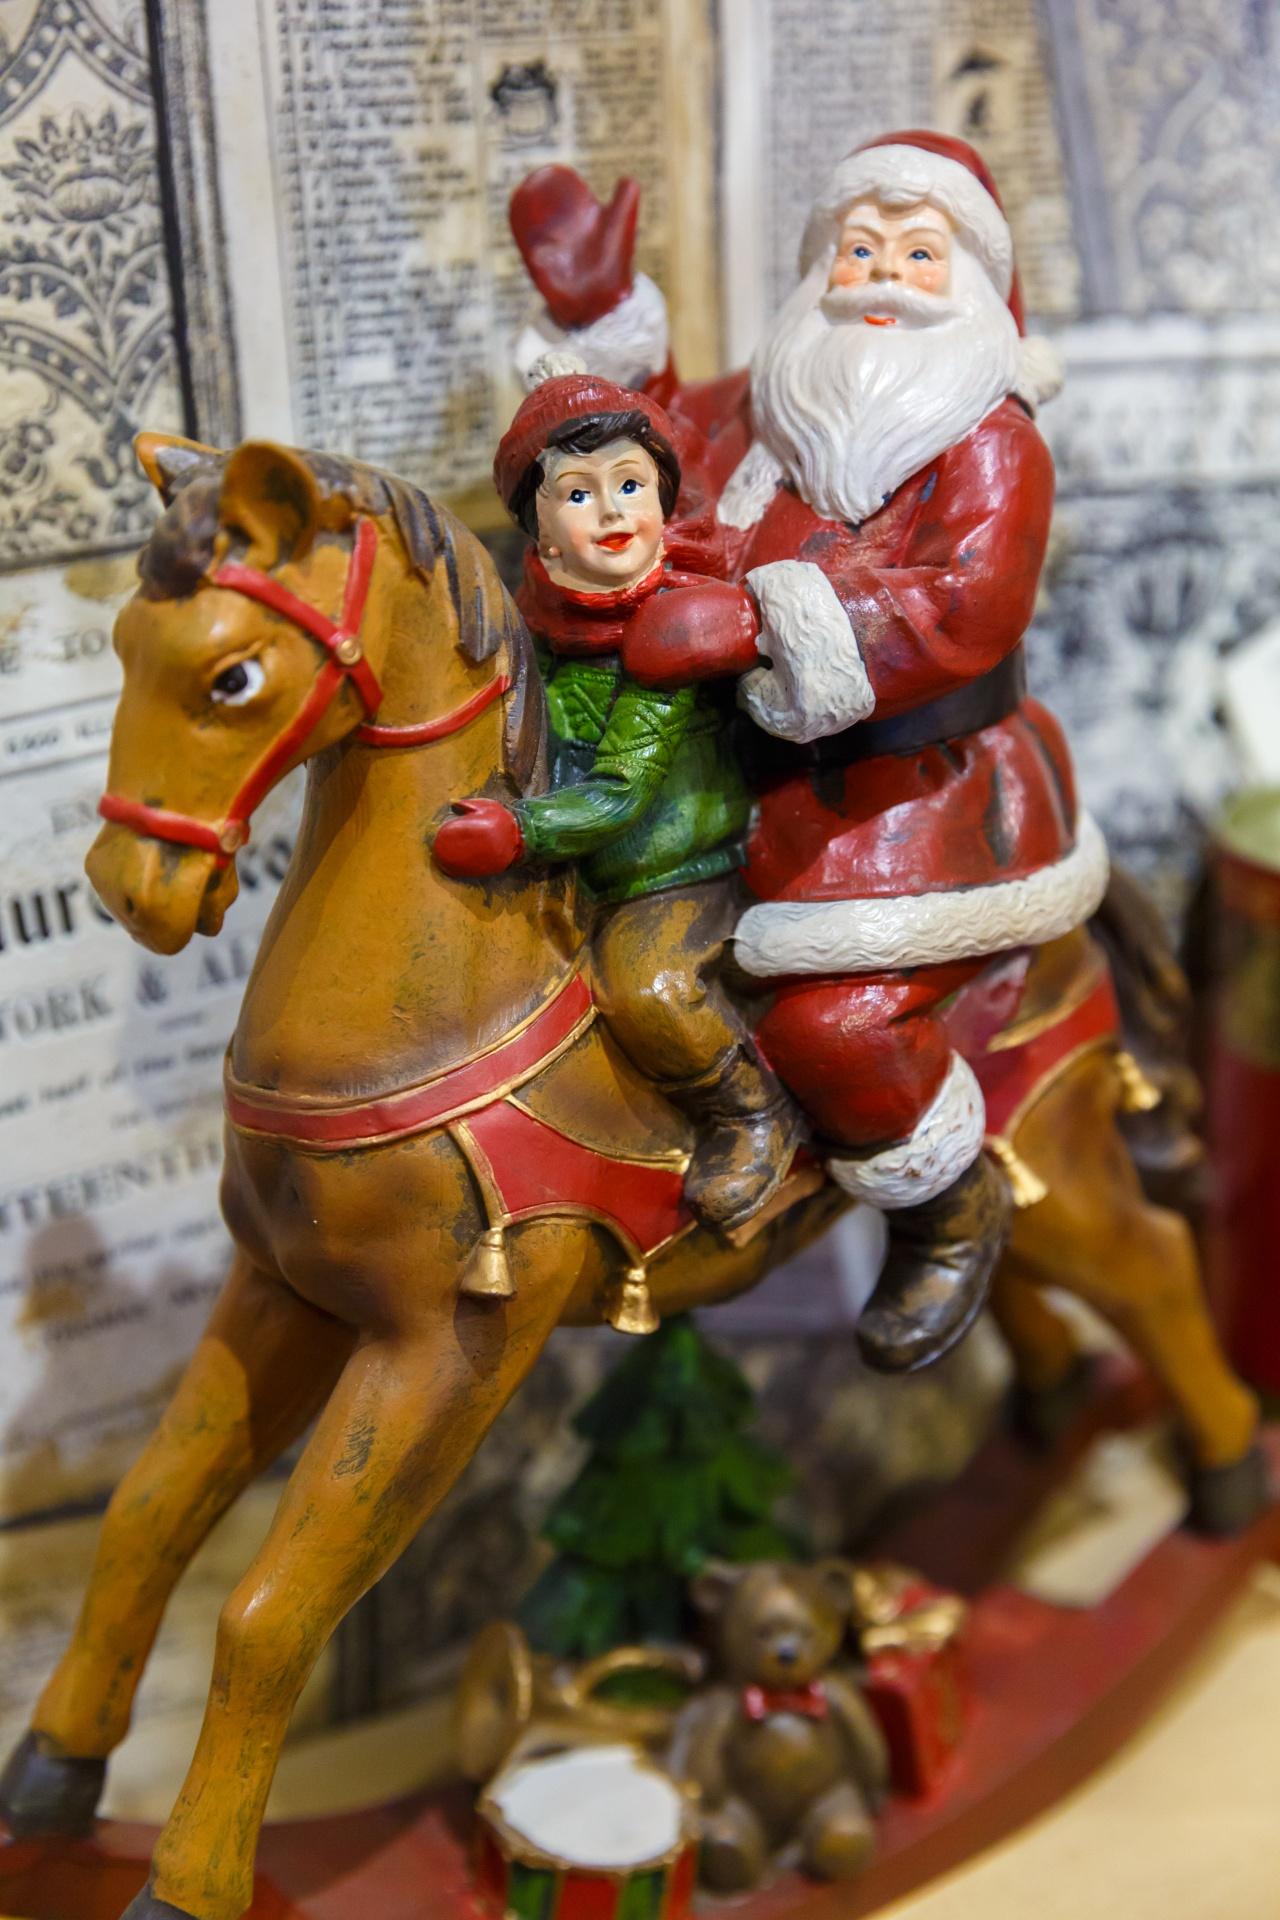 vintage-santa-claus-1446821346pSh